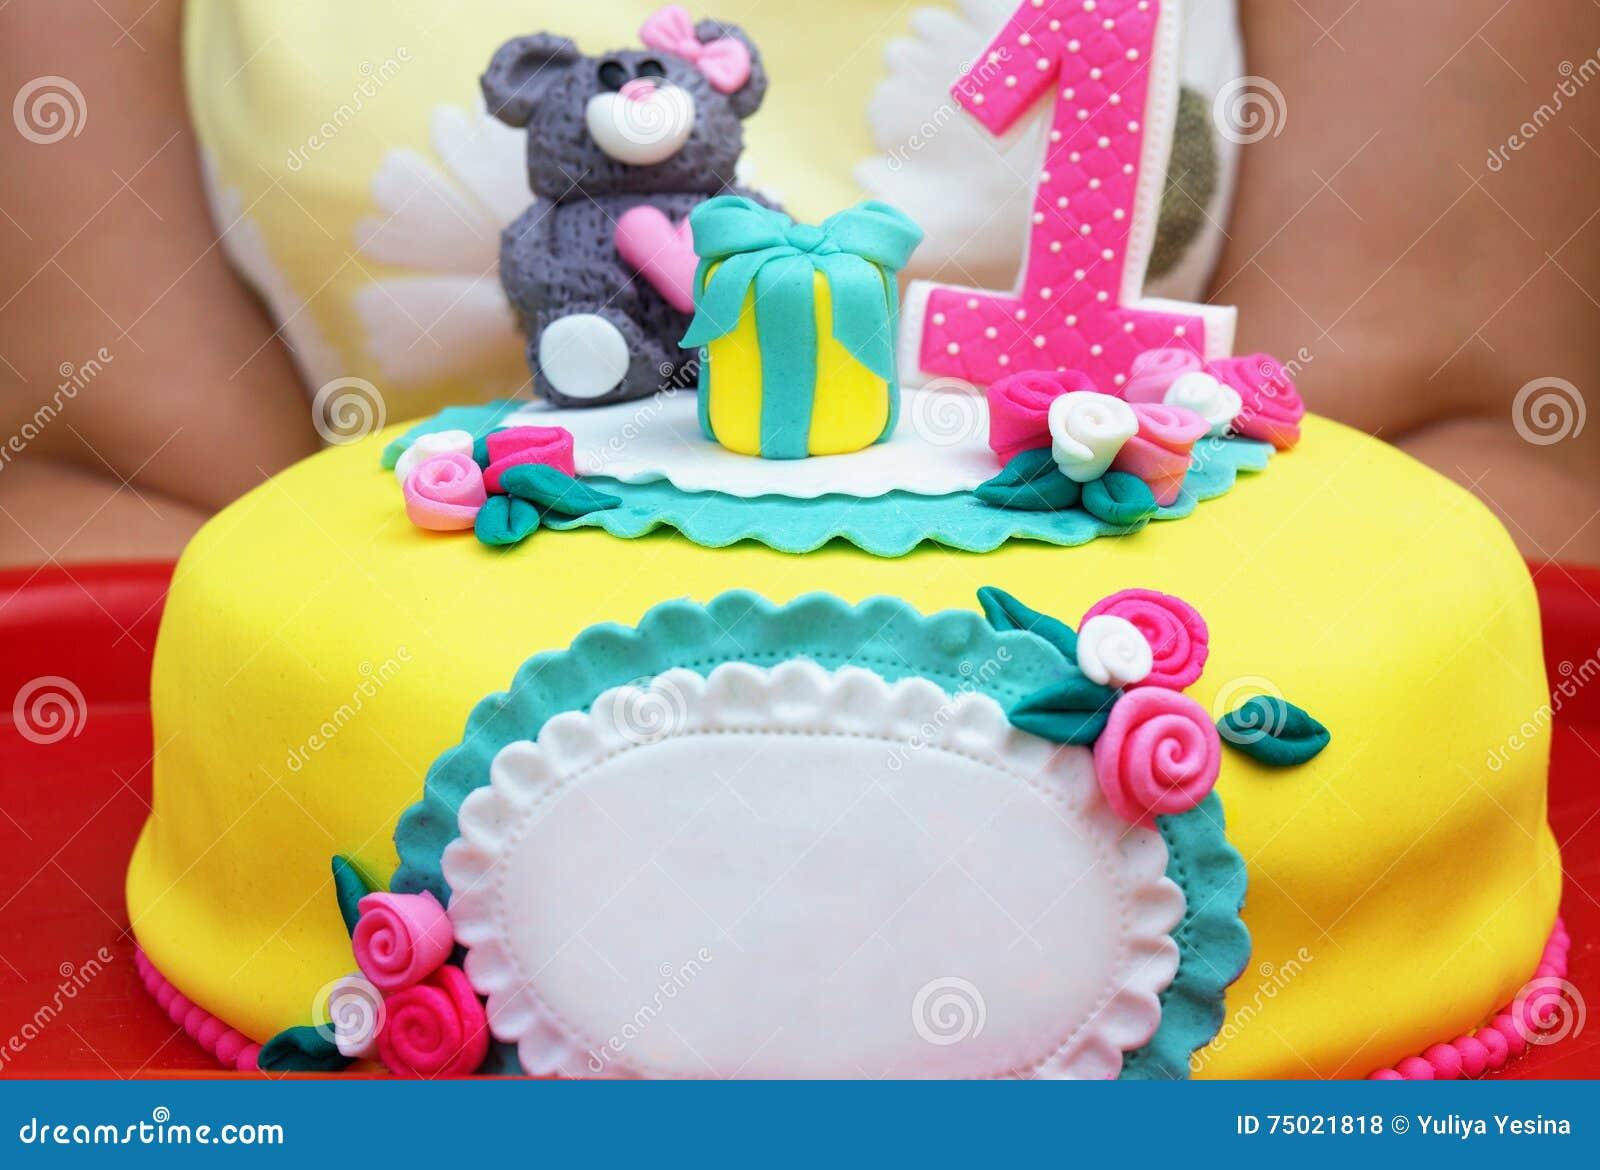 Torta Amarilla Grande Con El Número Uno Y La Decoración Foto